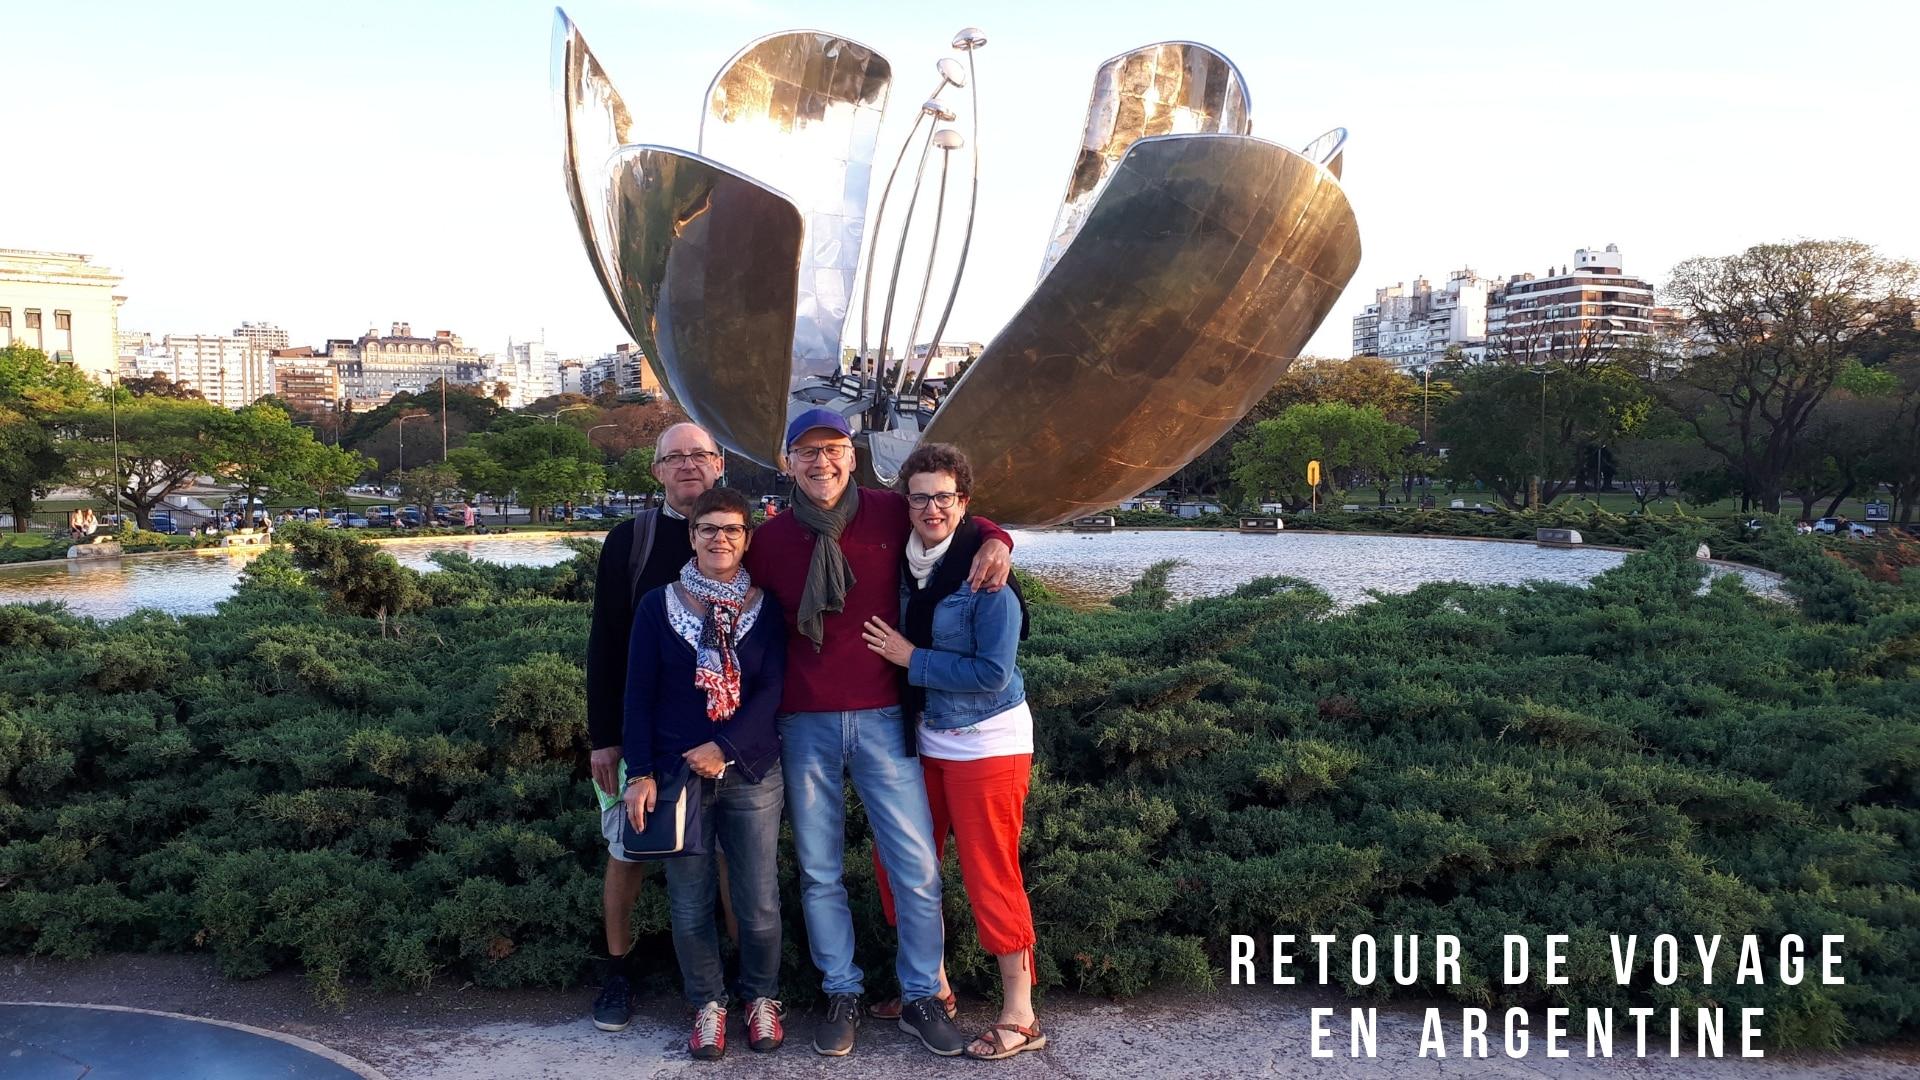 Retour De Voyage En Argentine